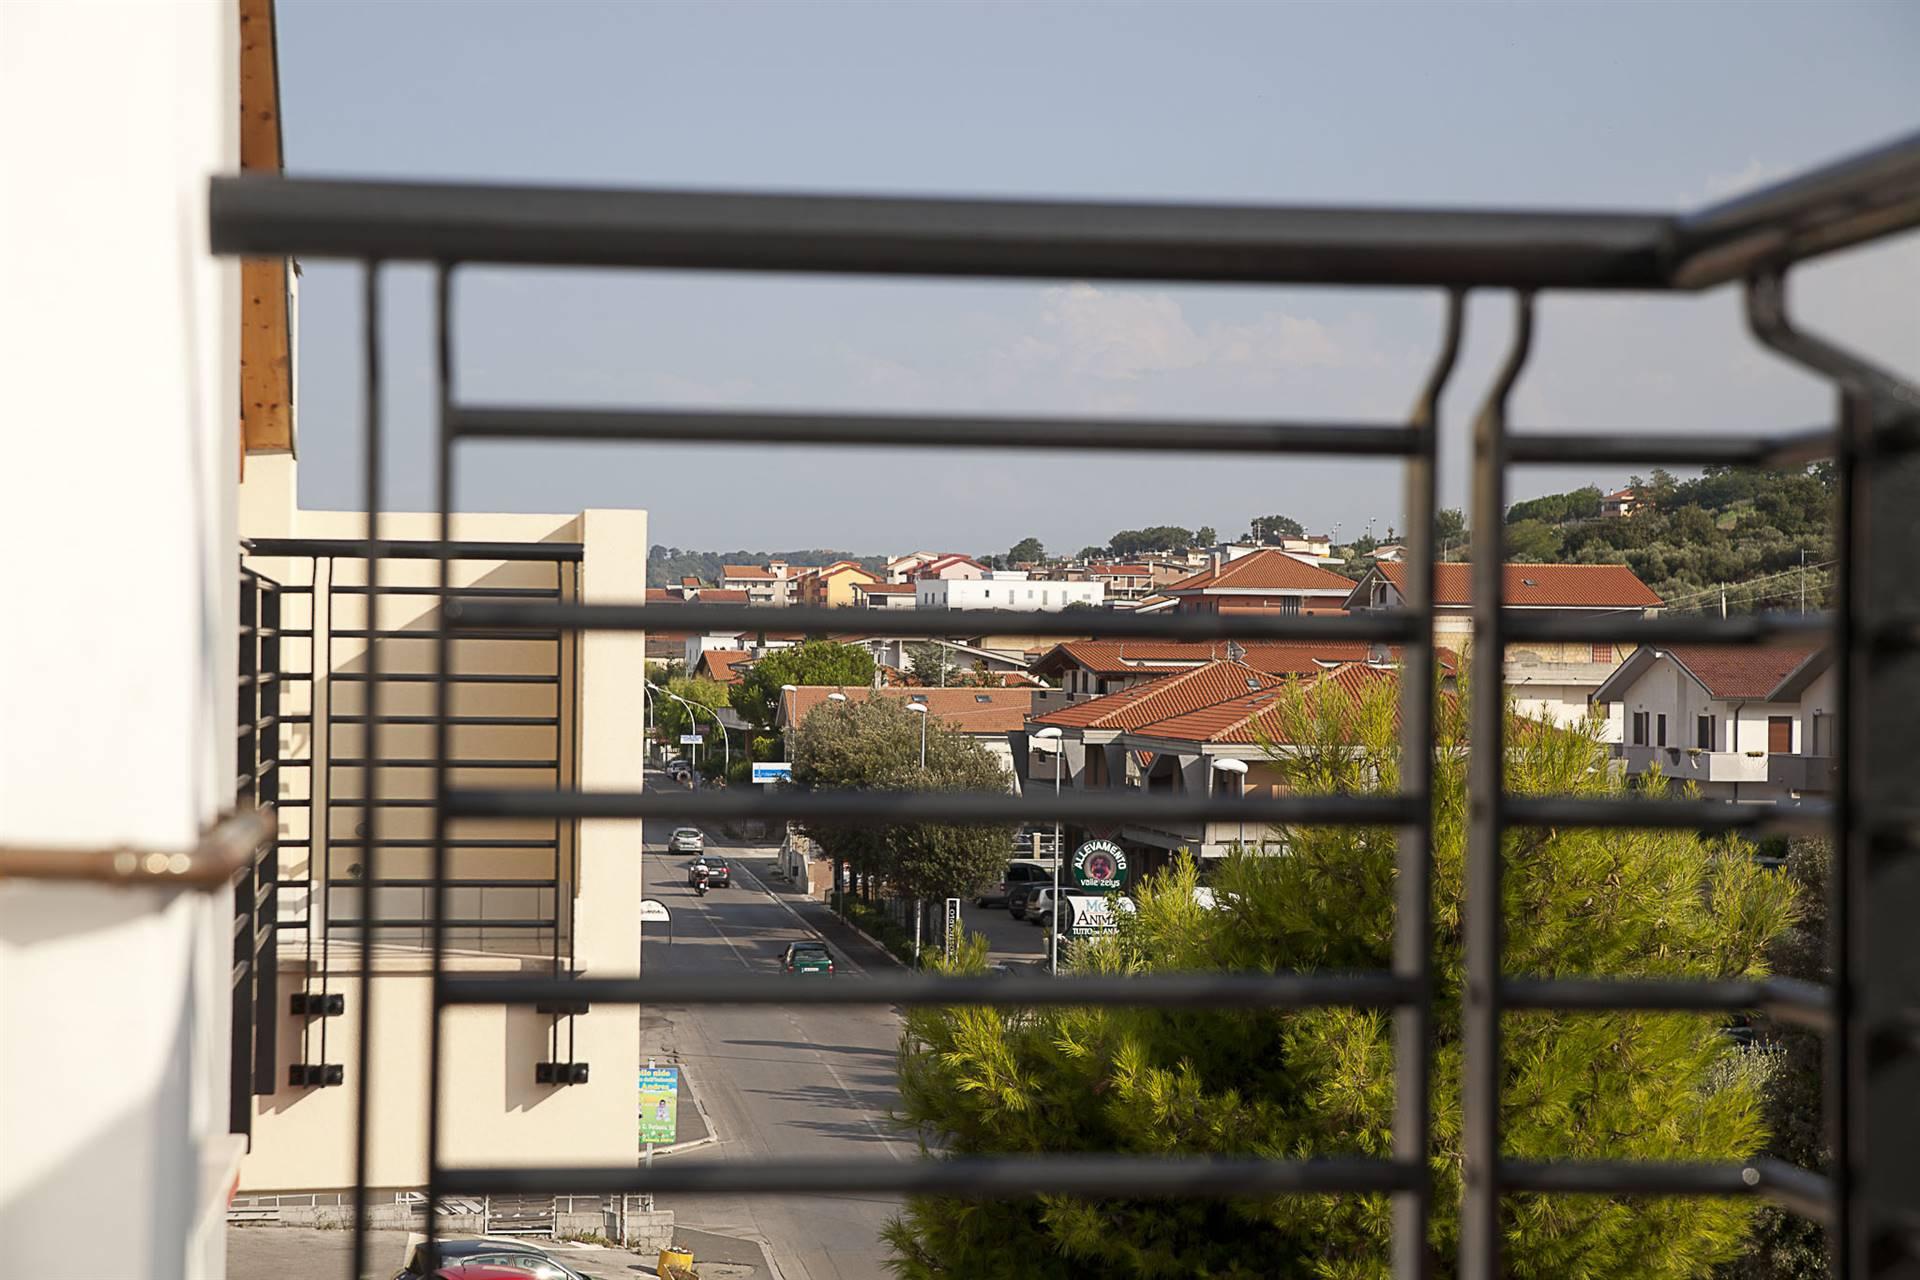 Attico / Mansarda in vendita a Francavilla al Mare, 5 locali, zona Località: CENTRO, prezzo € 170.000 | PortaleAgenzieImmobiliari.it